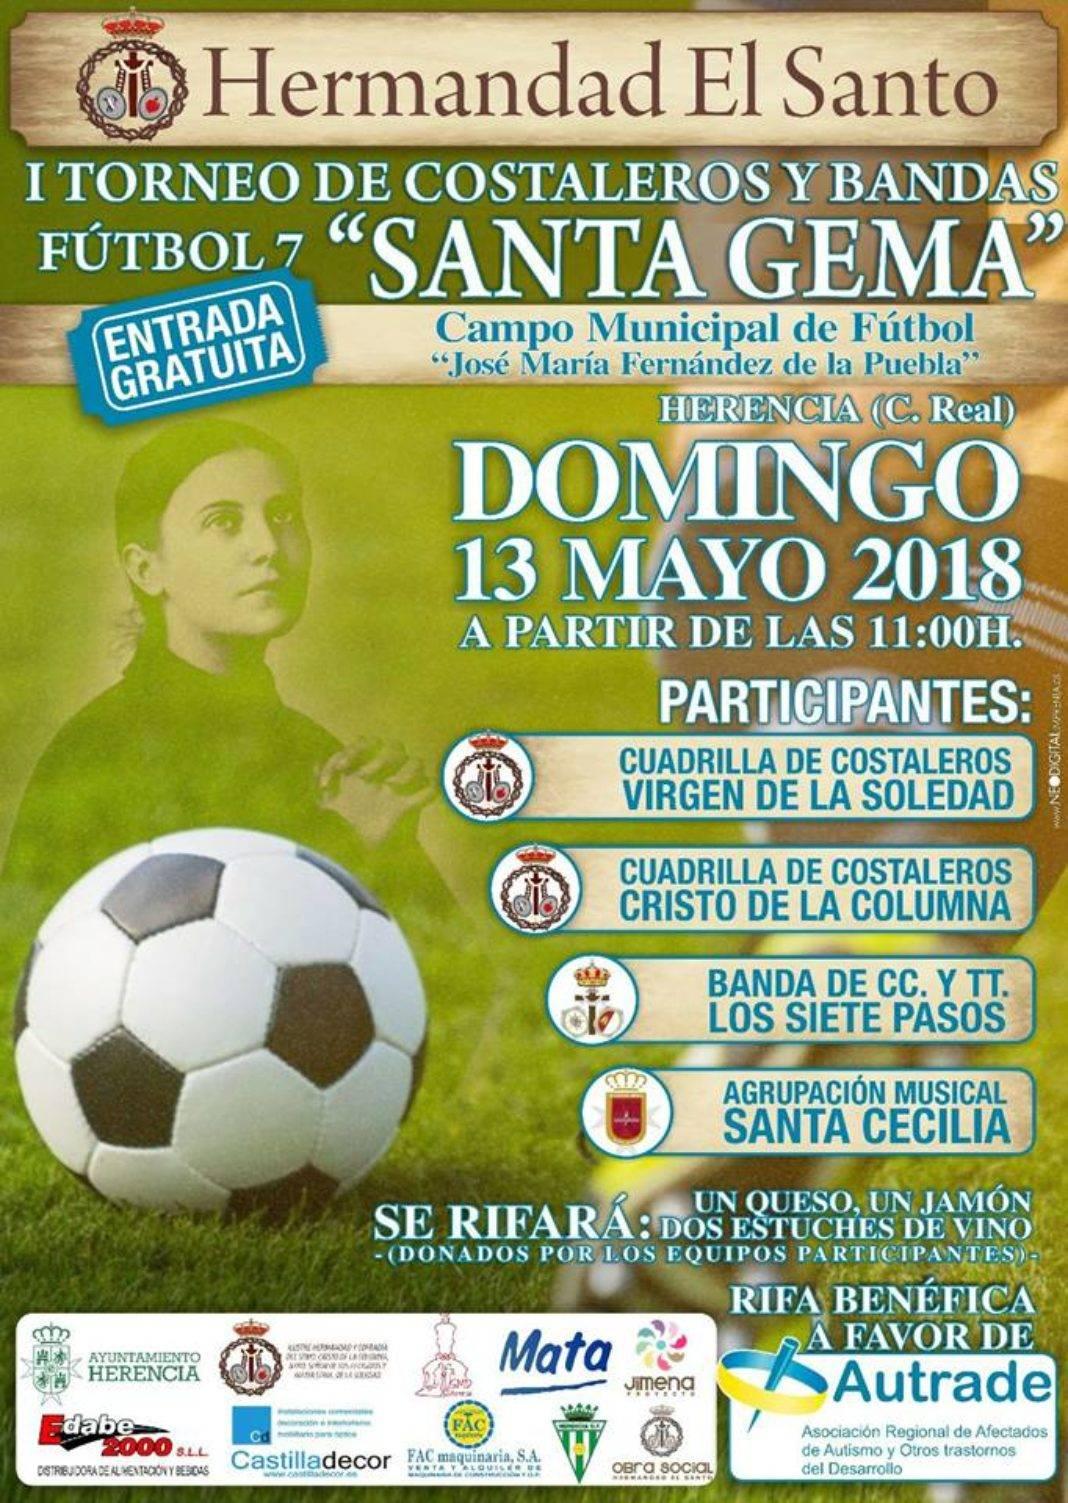 """I Torneo de Costaleros y bandas Santa Gema 1068x1503 - El Santo organiza su primer torneo de fútbol-7 de costaleros y banda """"Santa Gema"""""""